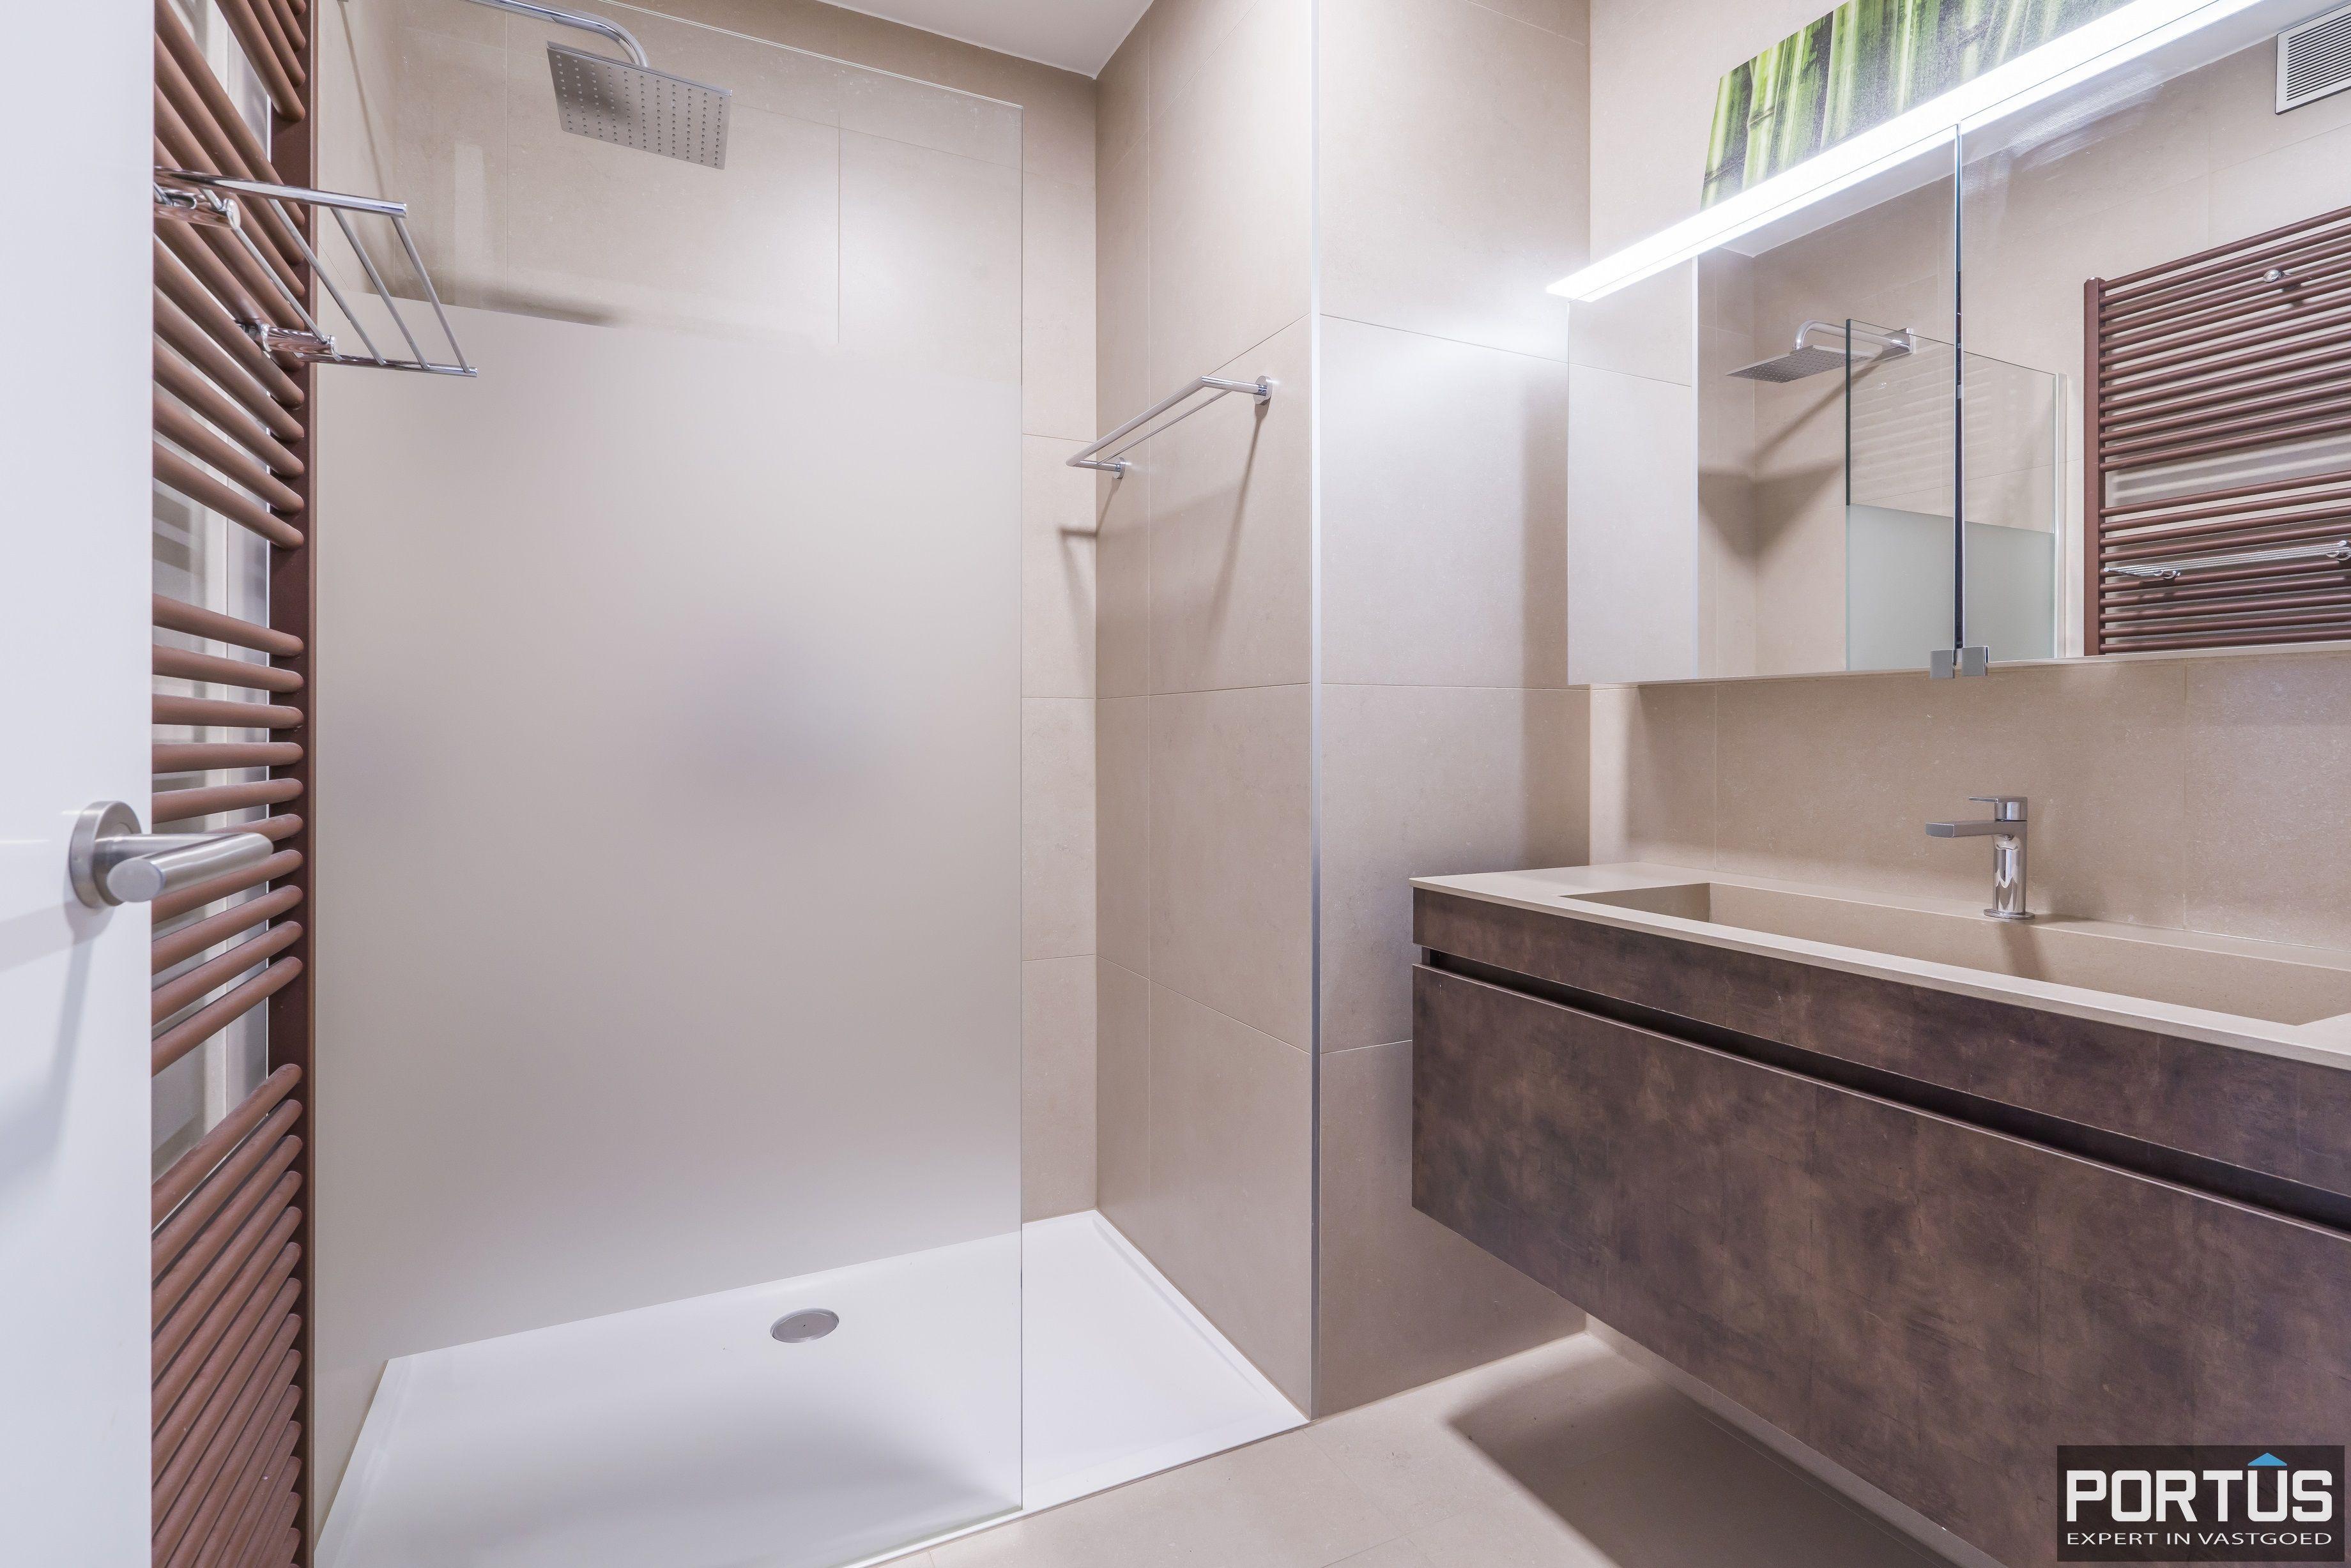 Recent appartement te koop te Nieuwpoort met frontaal zeezicht - 12390